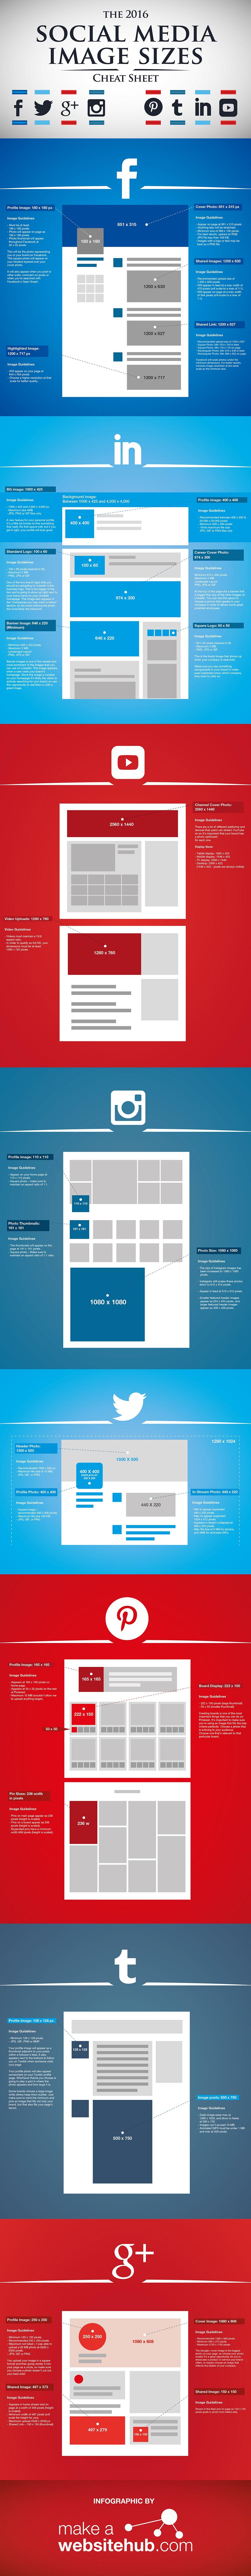 Dimensions des images sur les reseaux sociaux en 2016